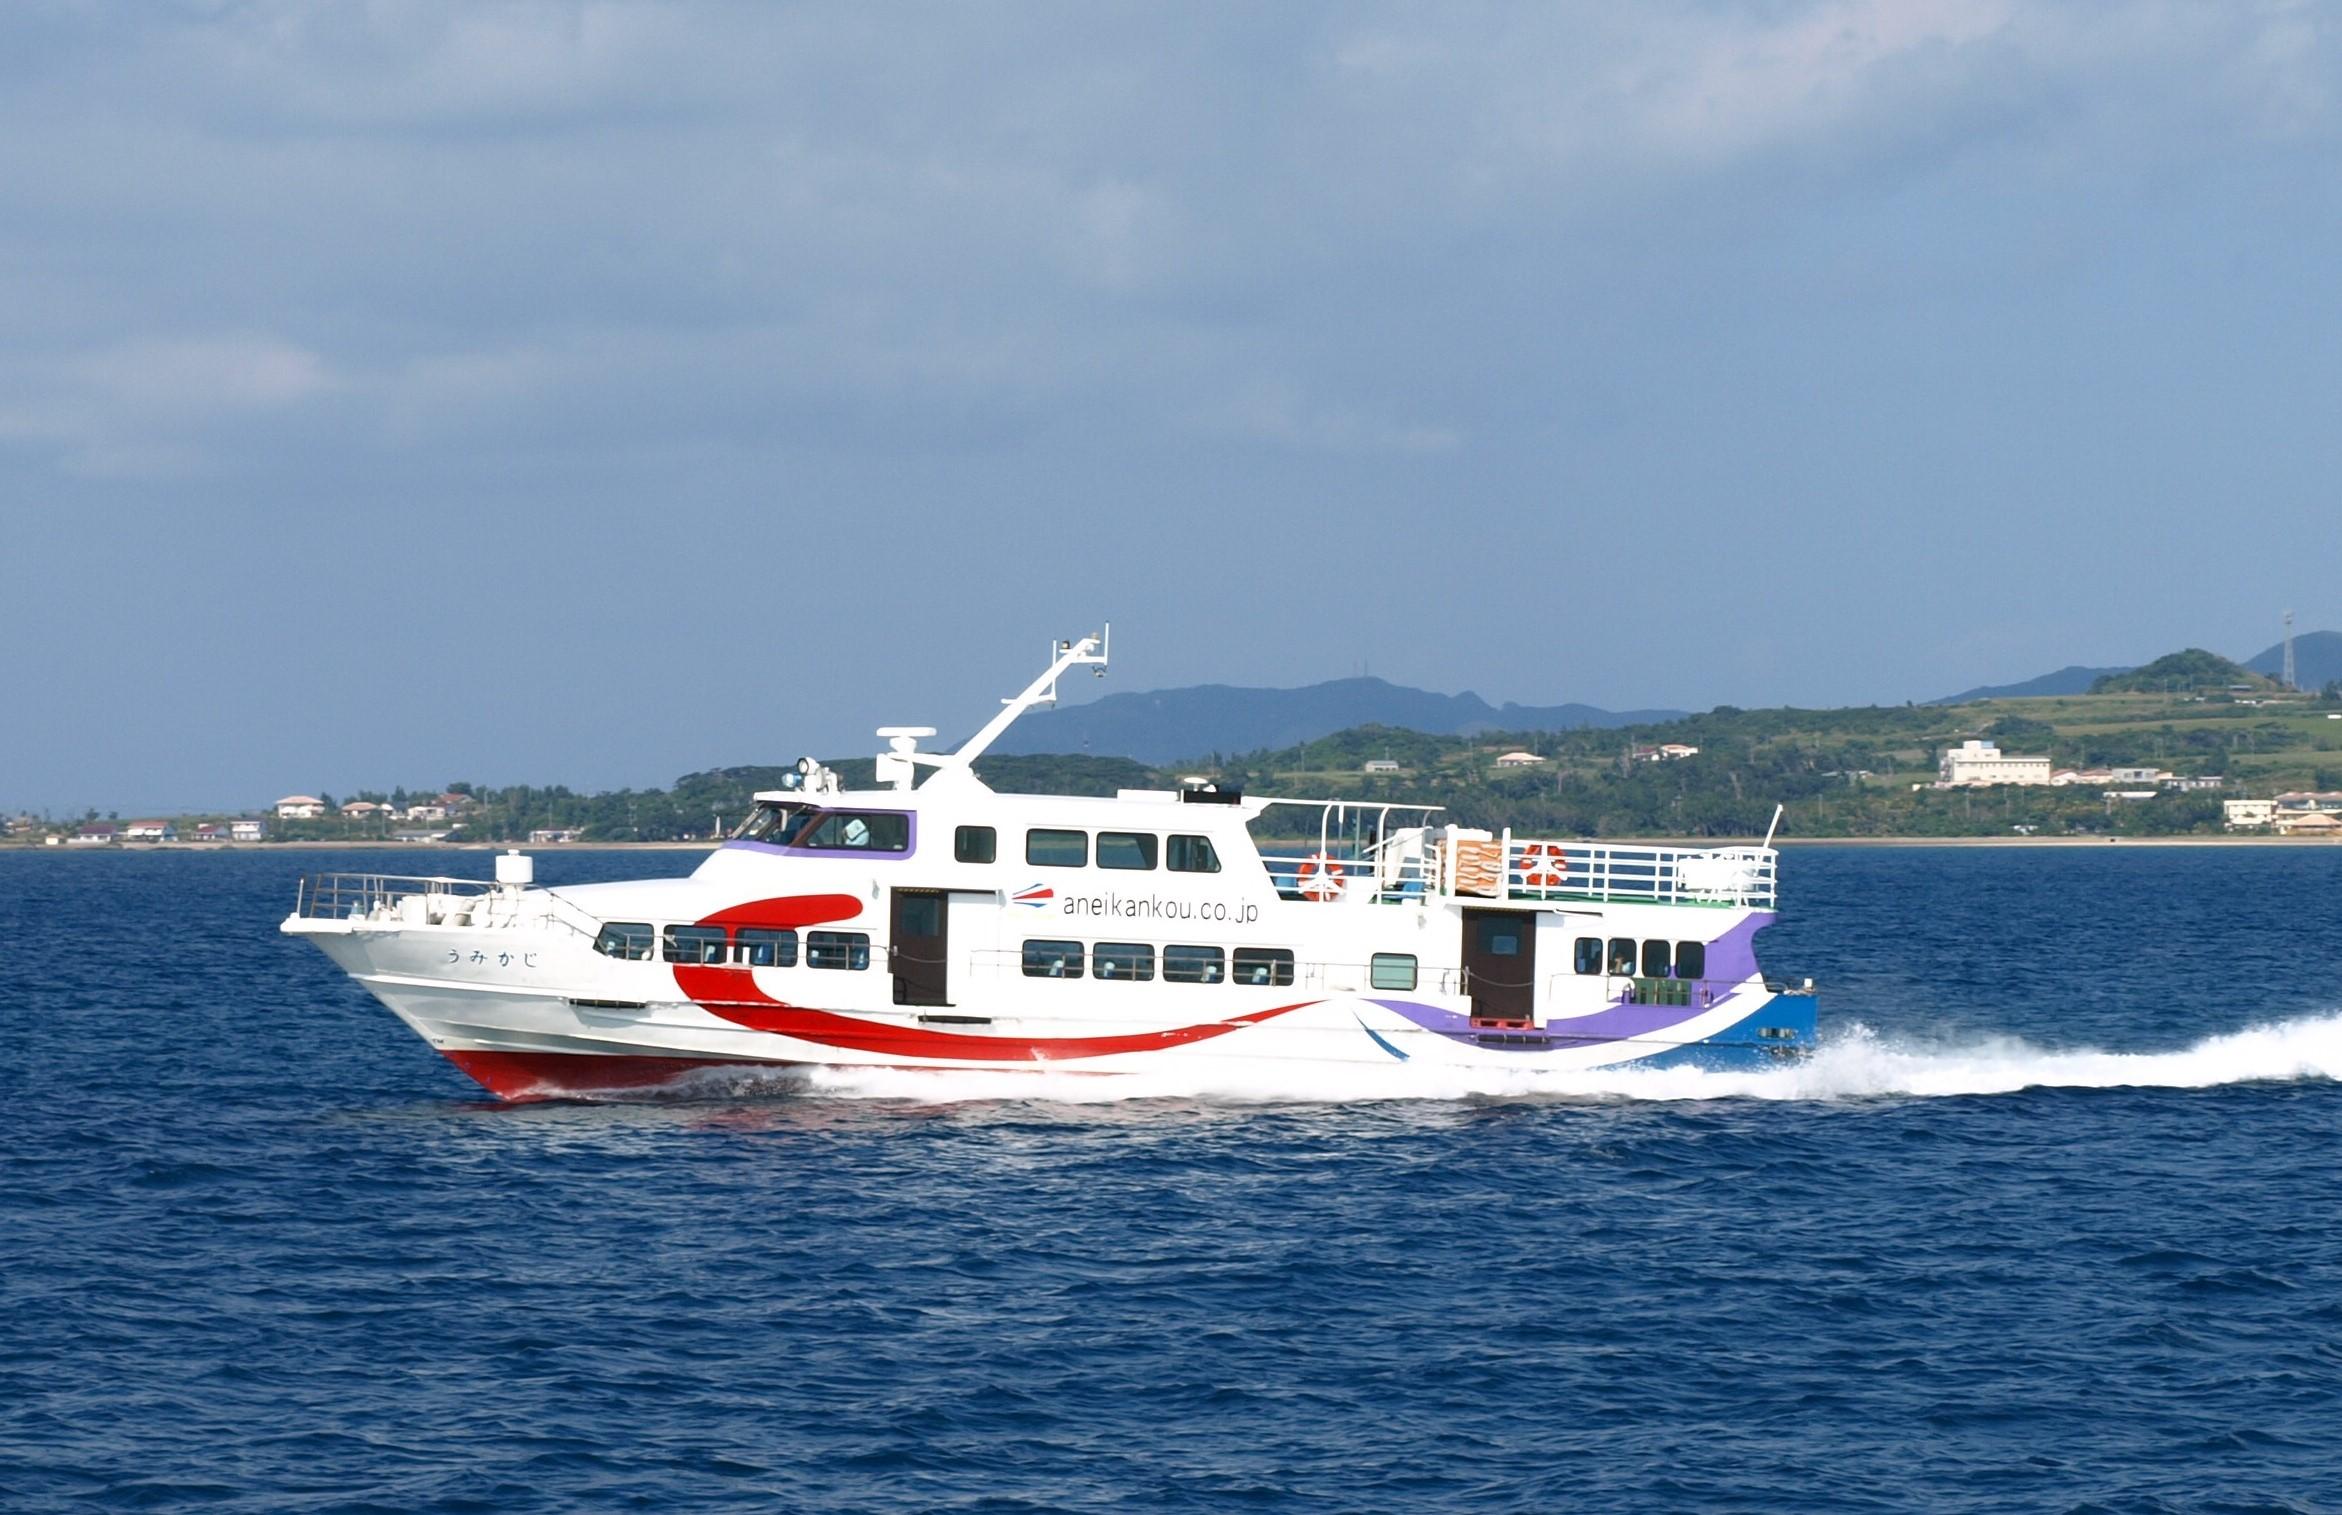 八重山諸島へ!石垣港離島ターミナル7月から増便